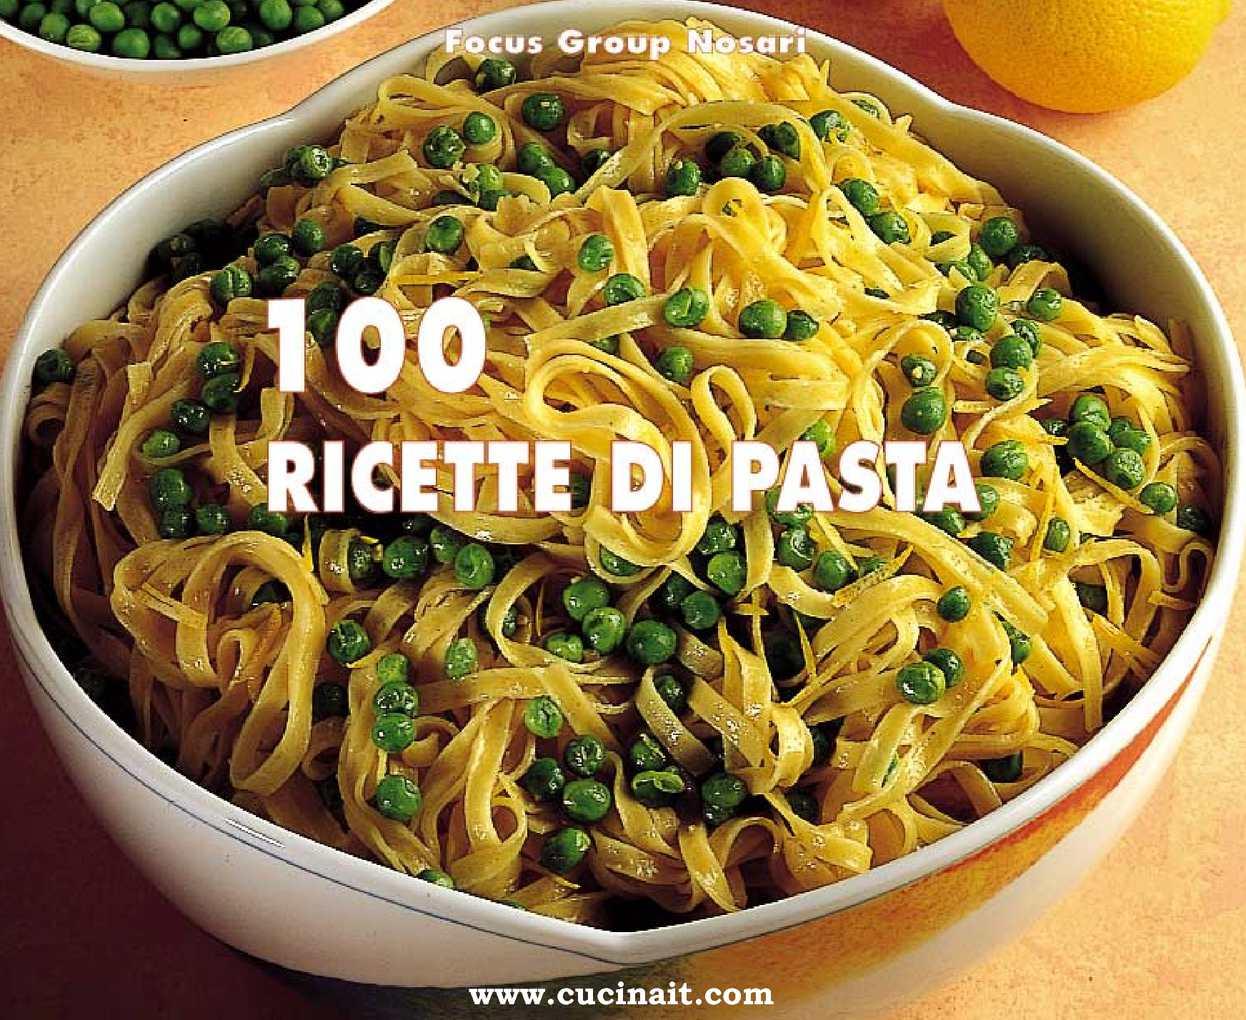 100 ricette pasta